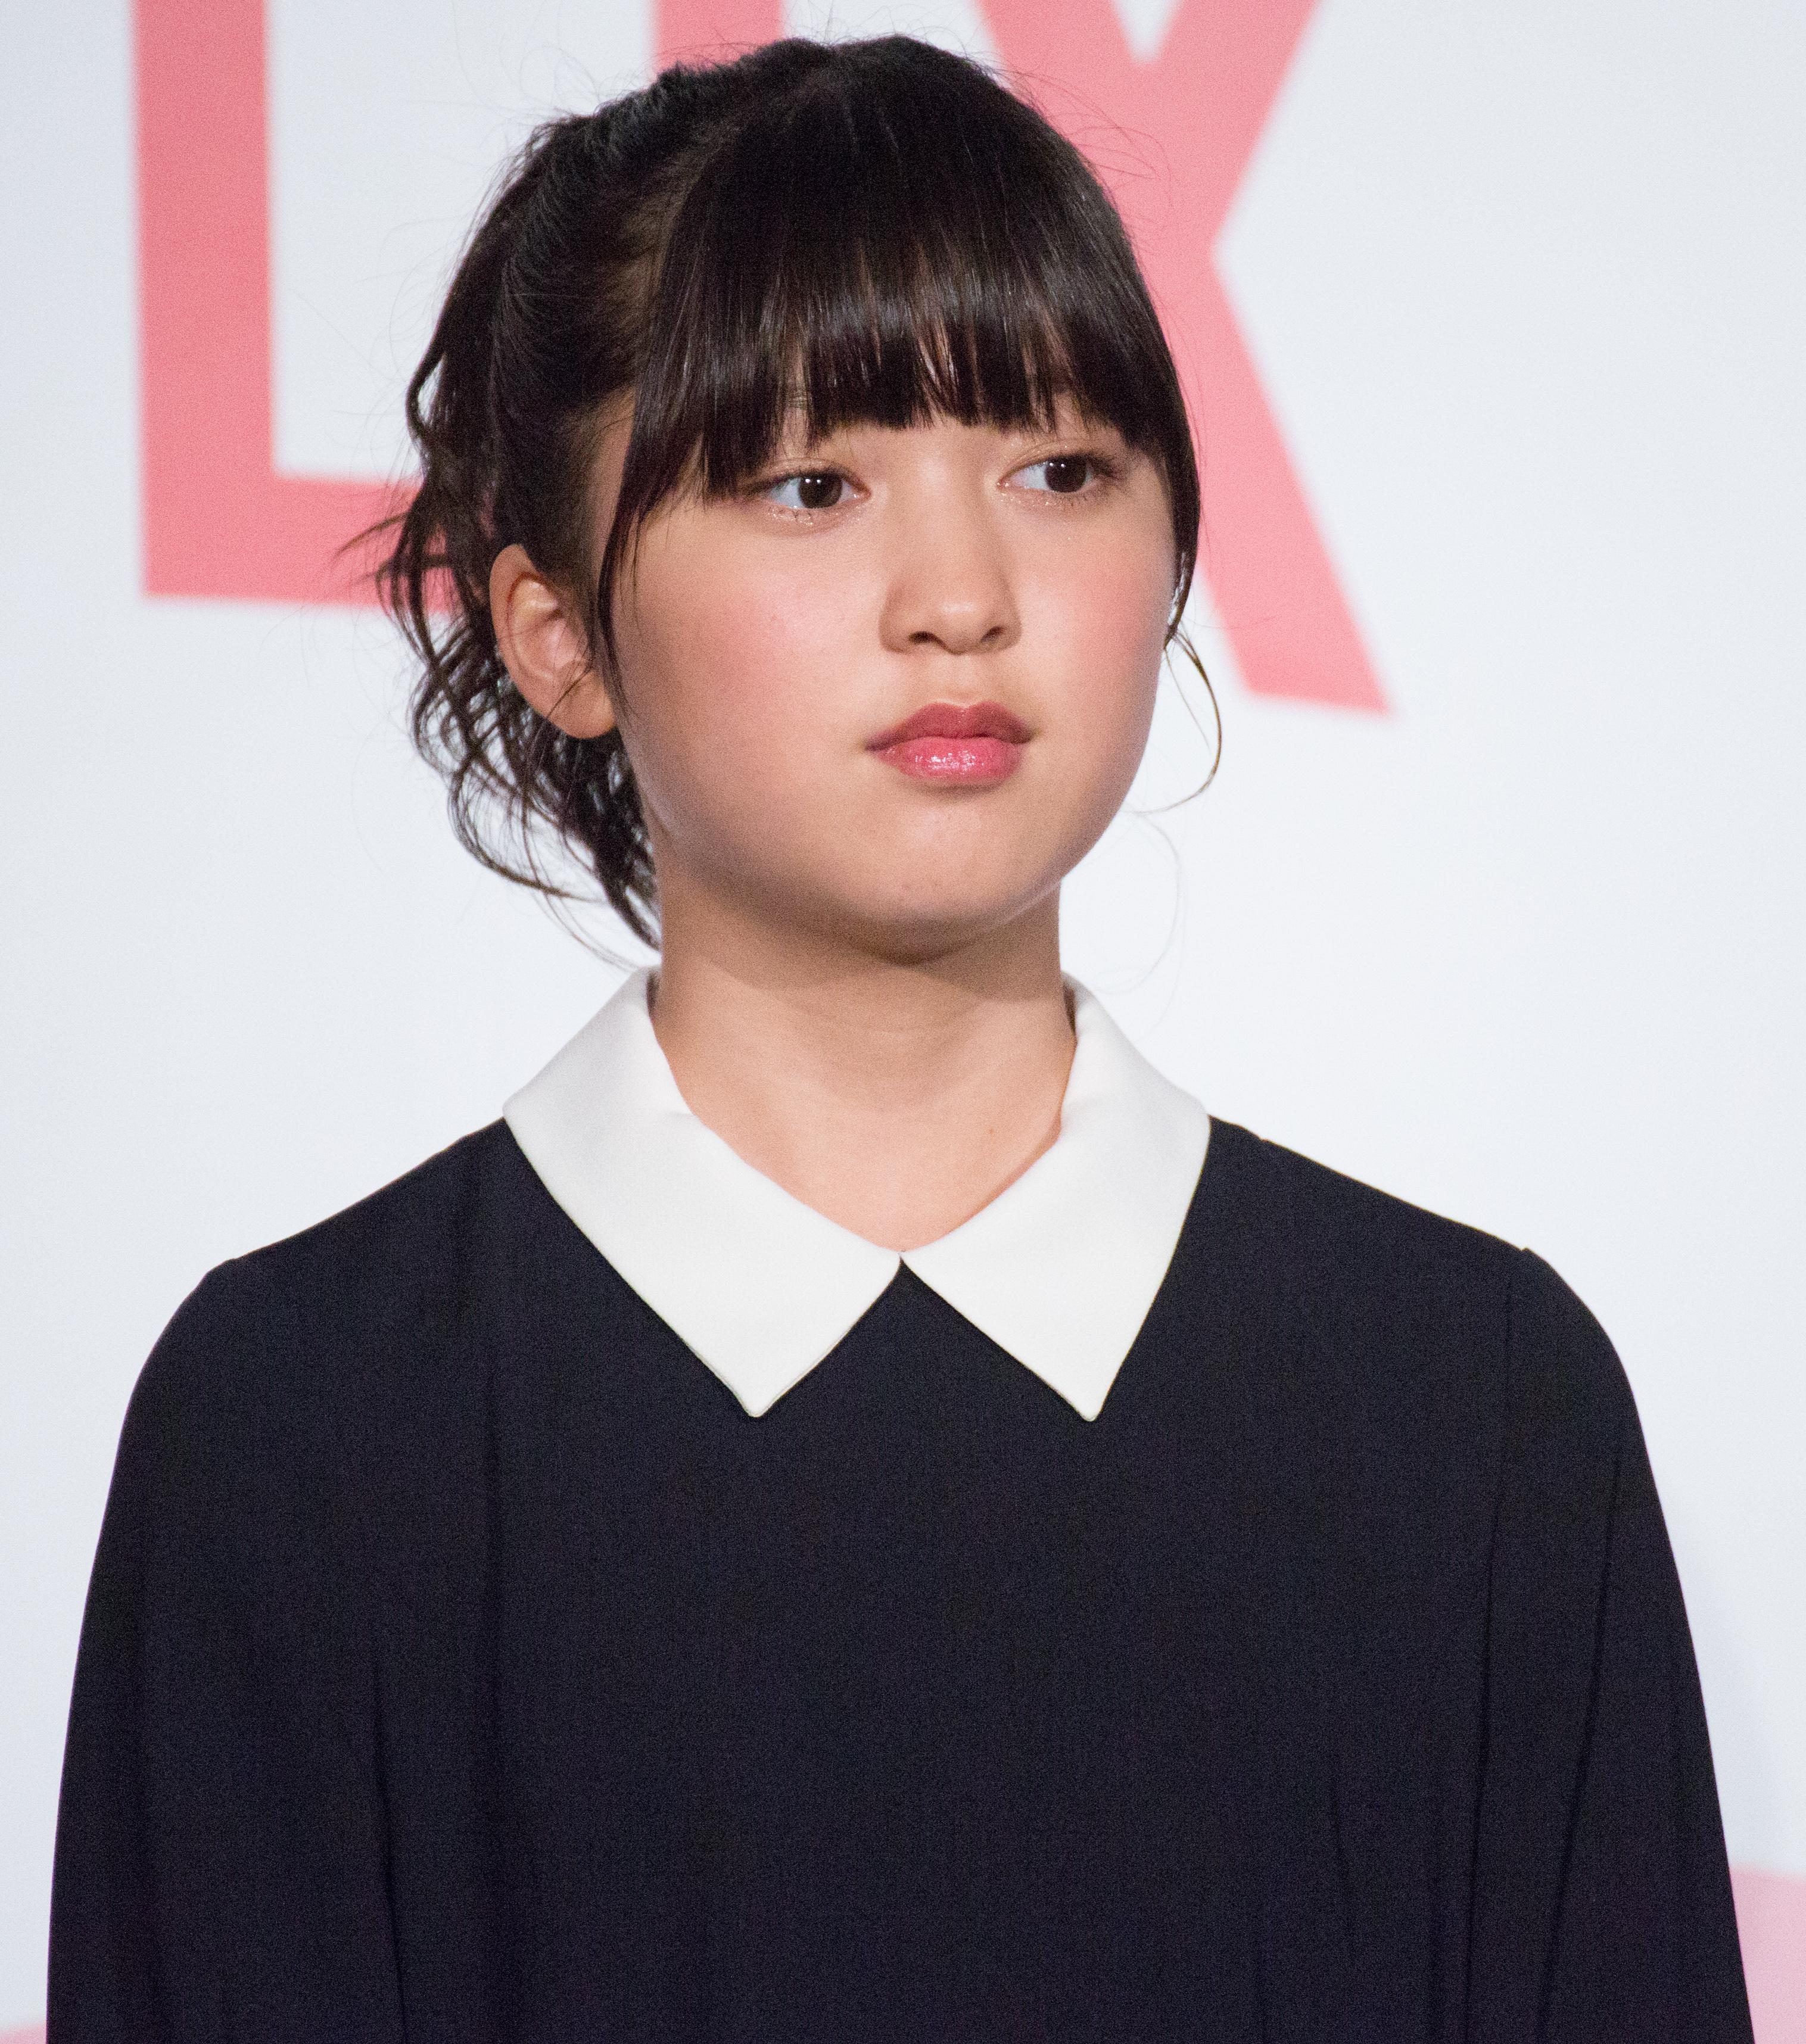 Ahn Seo-hyun - Wikipedia